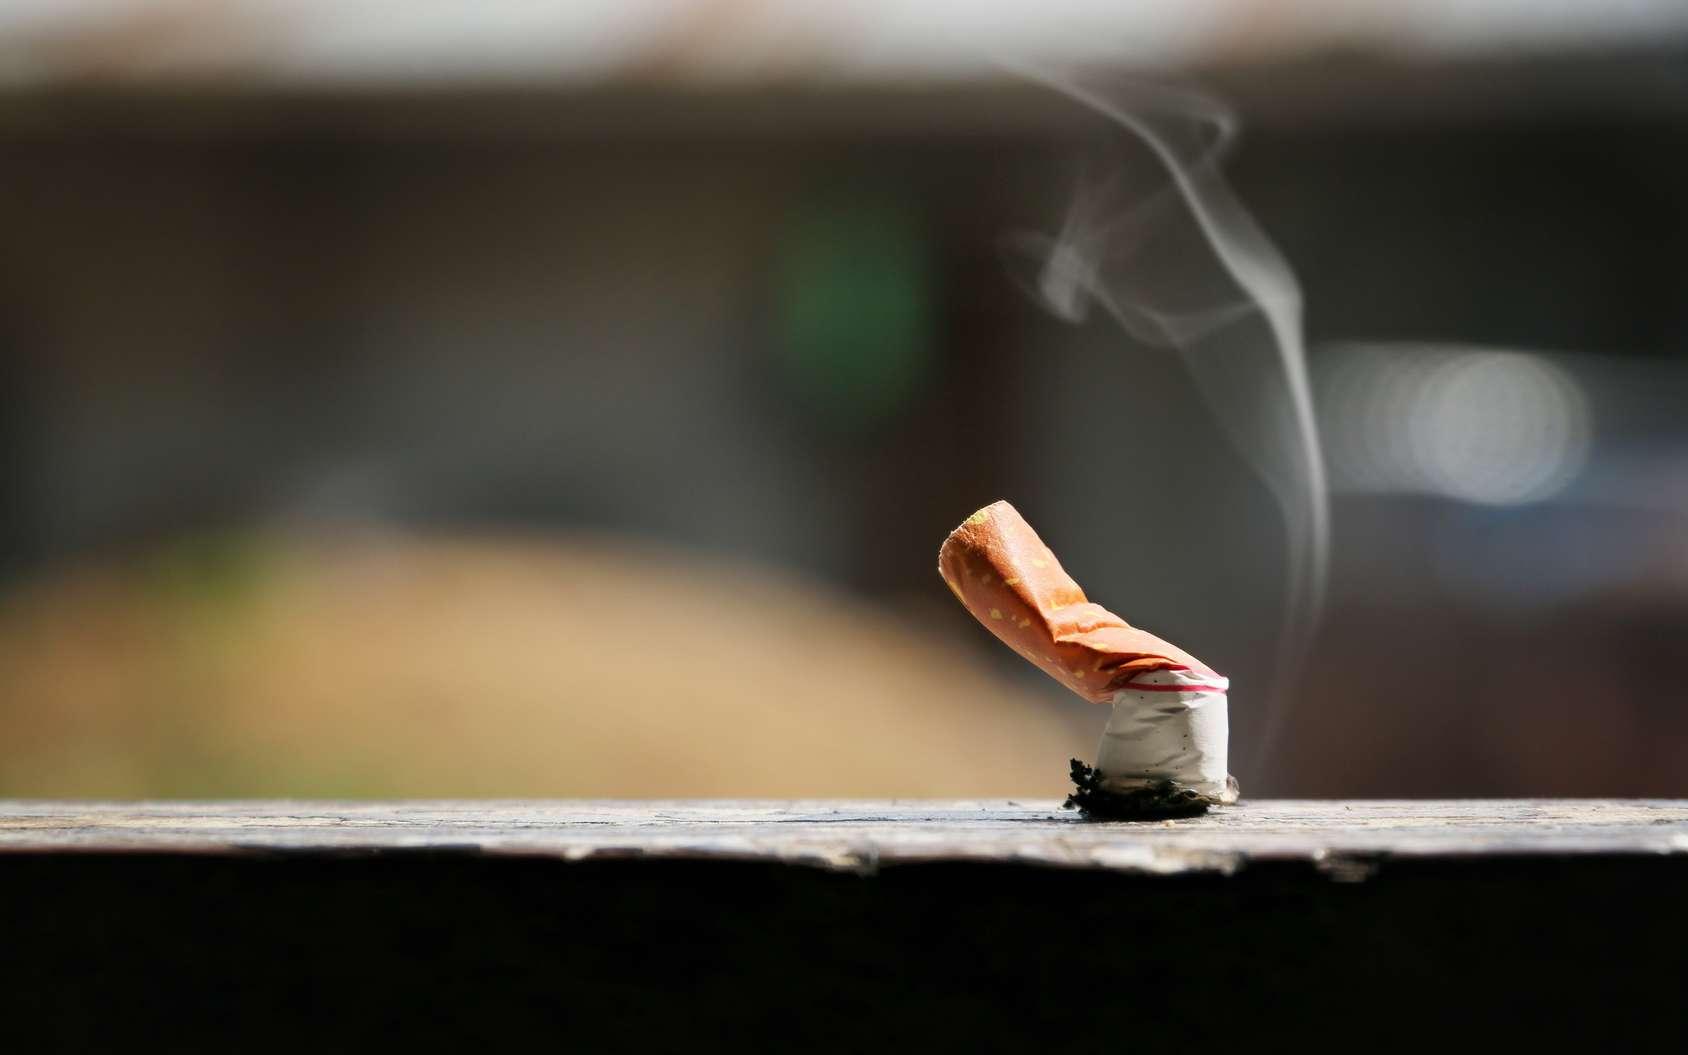 Les filtres des cigarettes sont censés bloquer une grande partie des substances cancérogènes. © jetsadaphoto, Fotolia